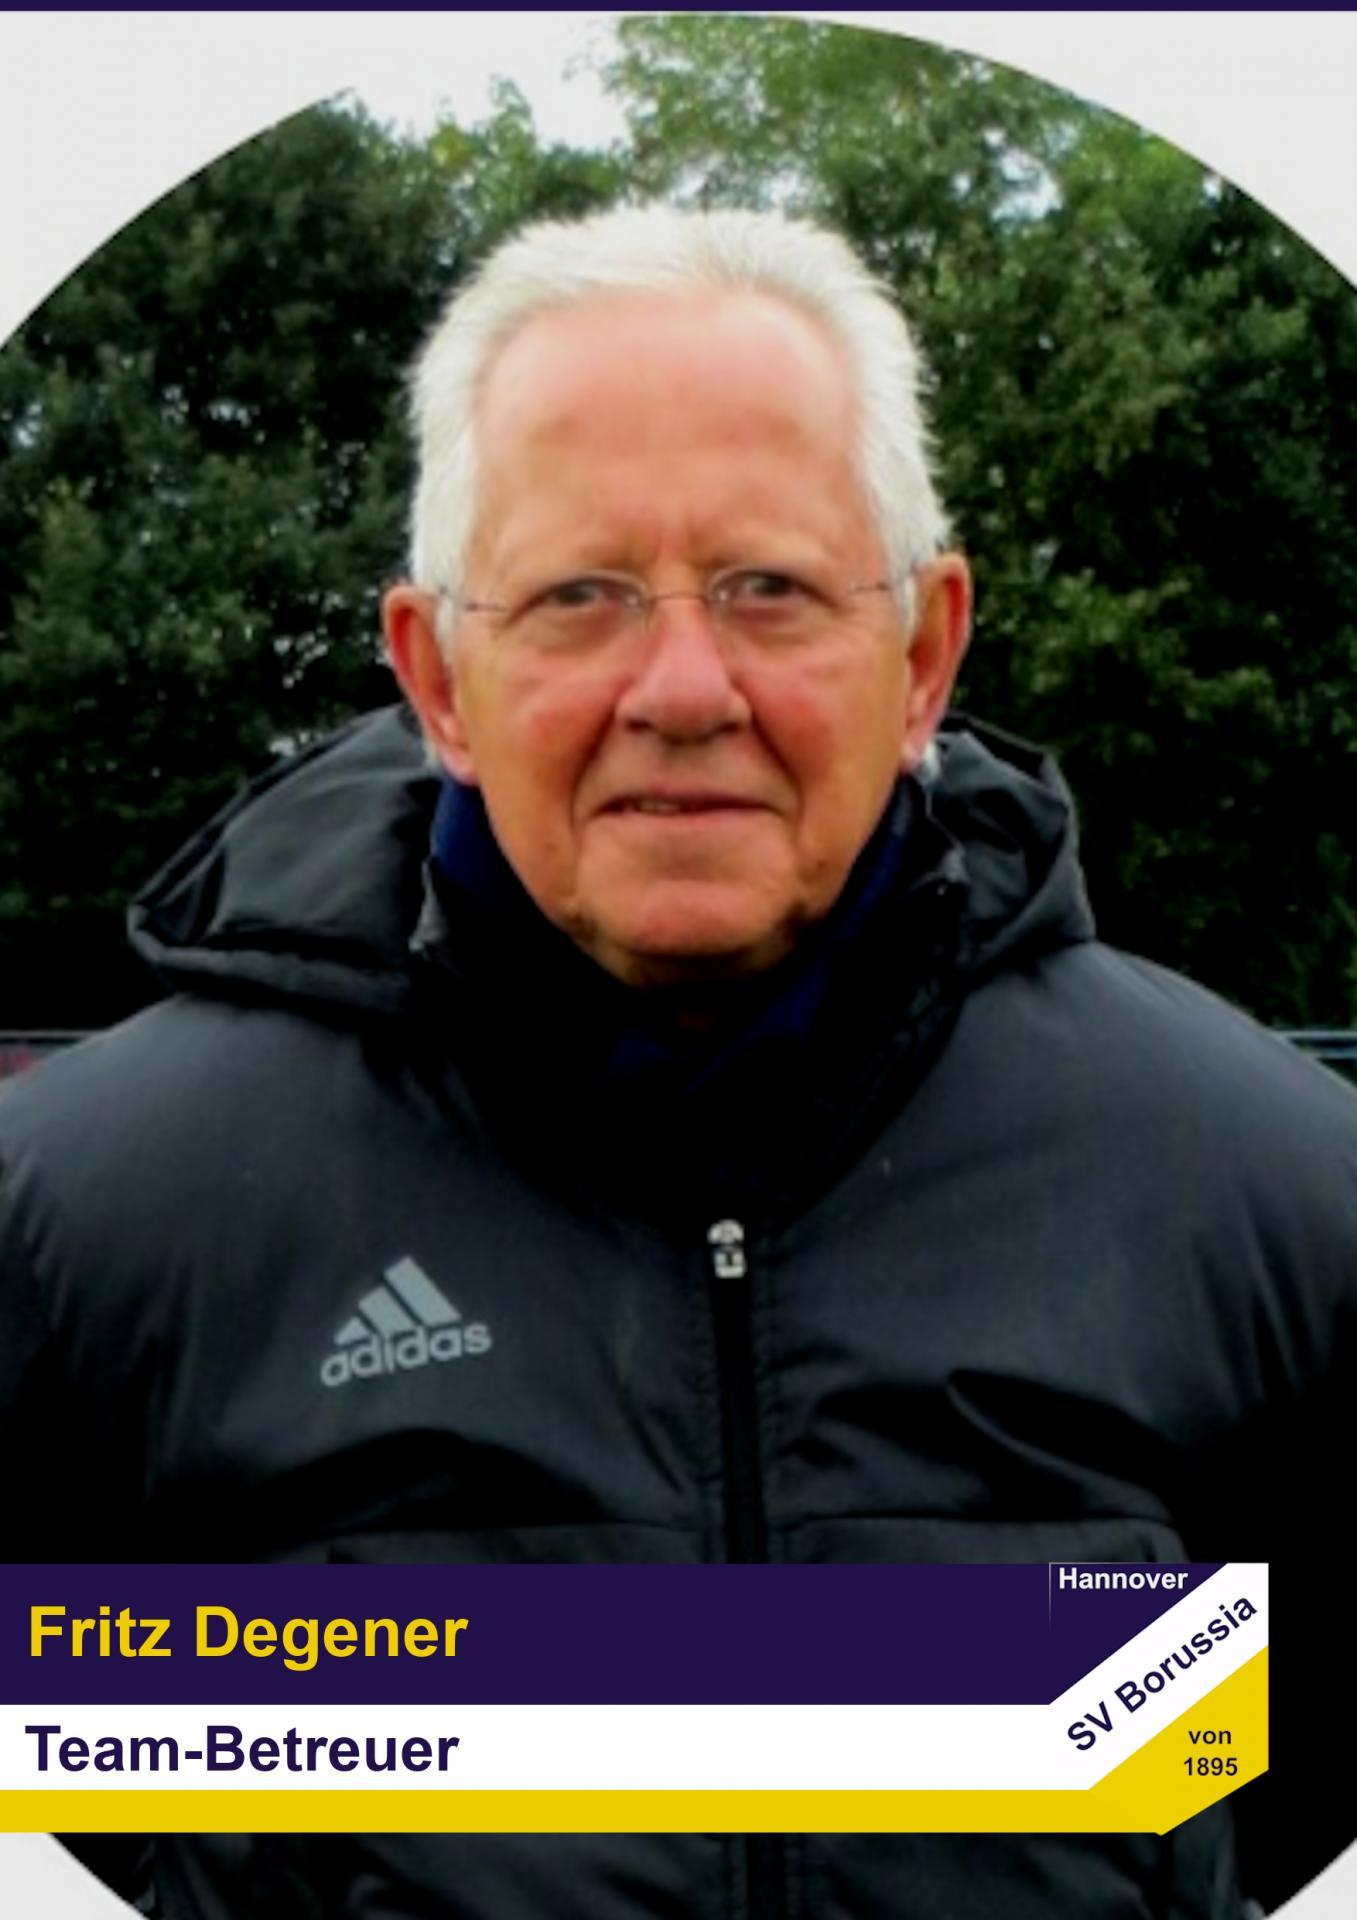 Fritz Degener